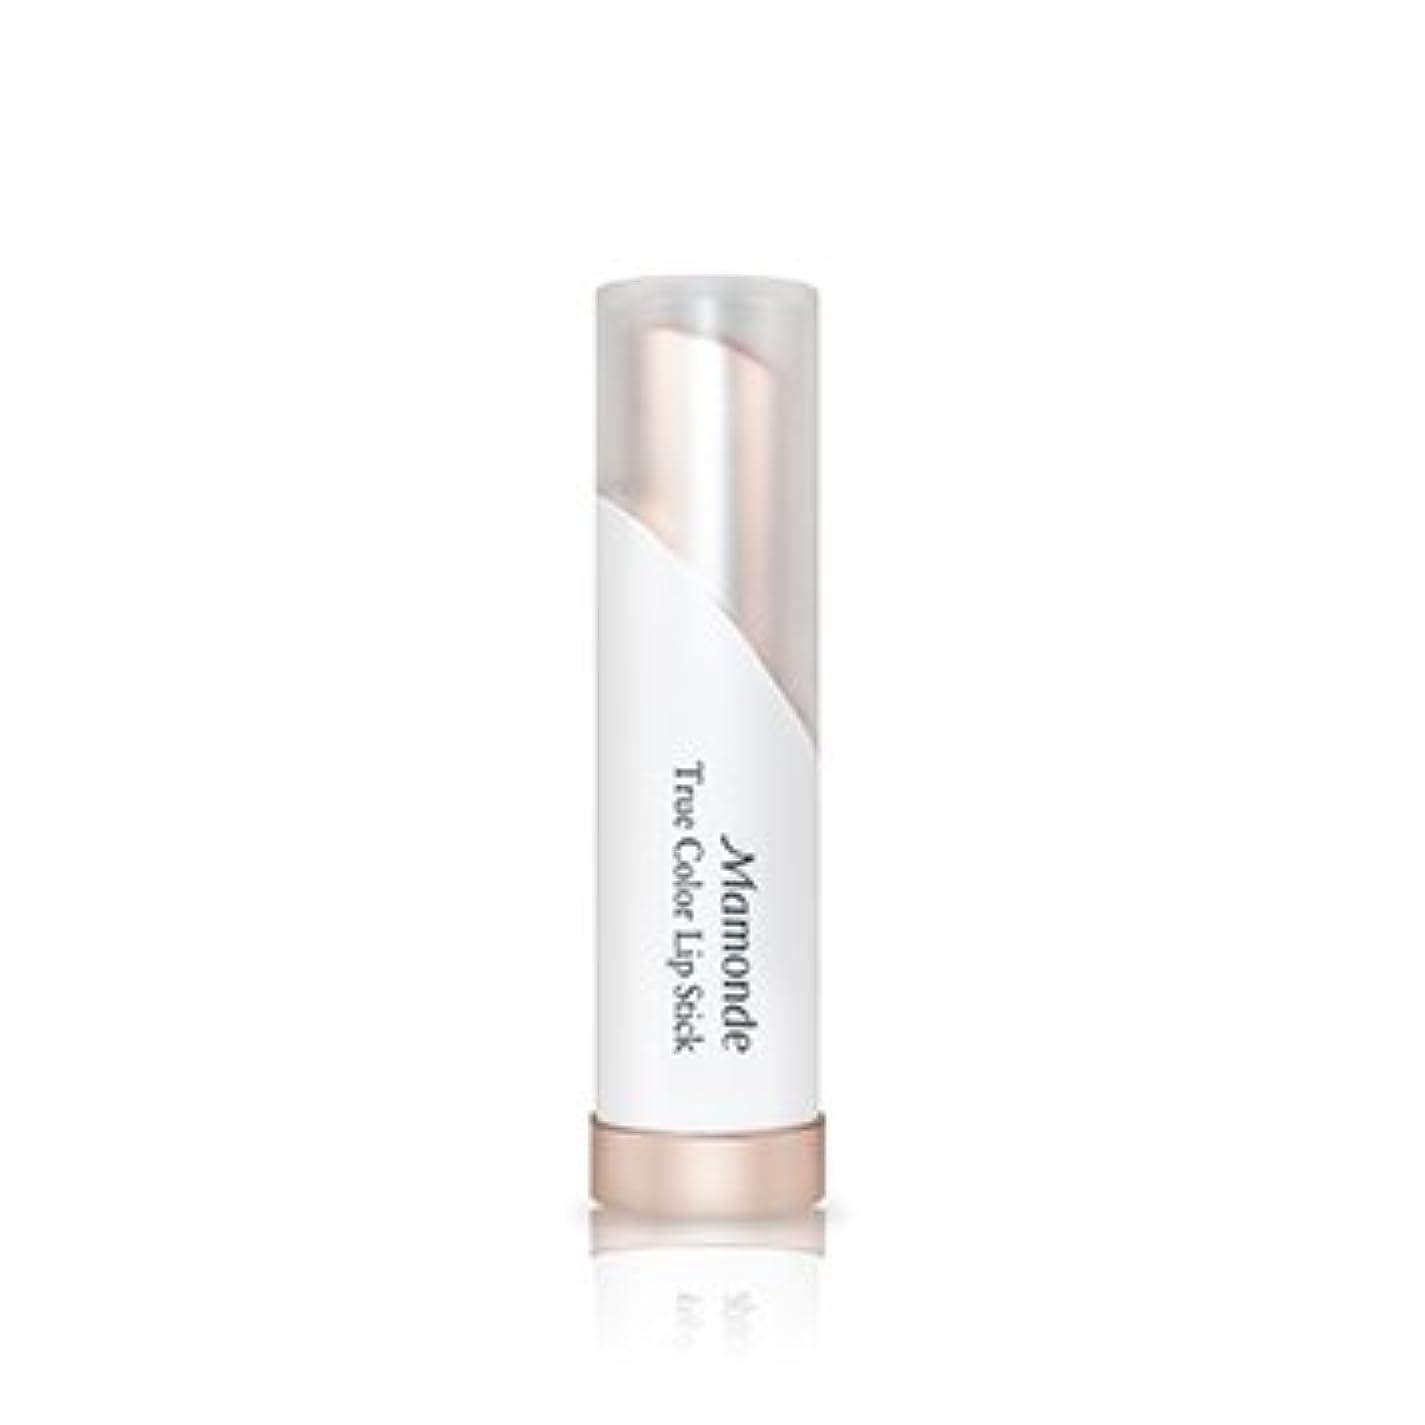 ブラザー神聖素子[New] Mamonde True Color Lip Stick 3.5g/マモンド トゥルー カラー リップスティック 3.5g (#2 First Kiss) [並行輸入品]